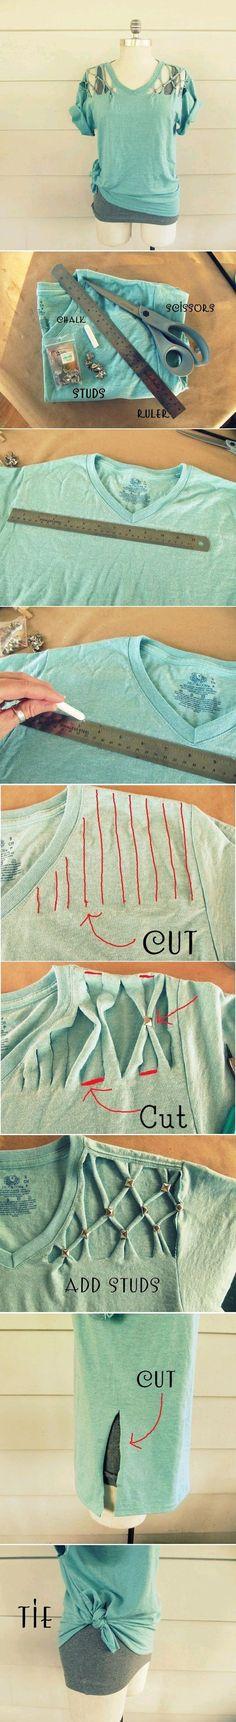 1d188b6ef4120 222 mejores imágenes de Camisetas